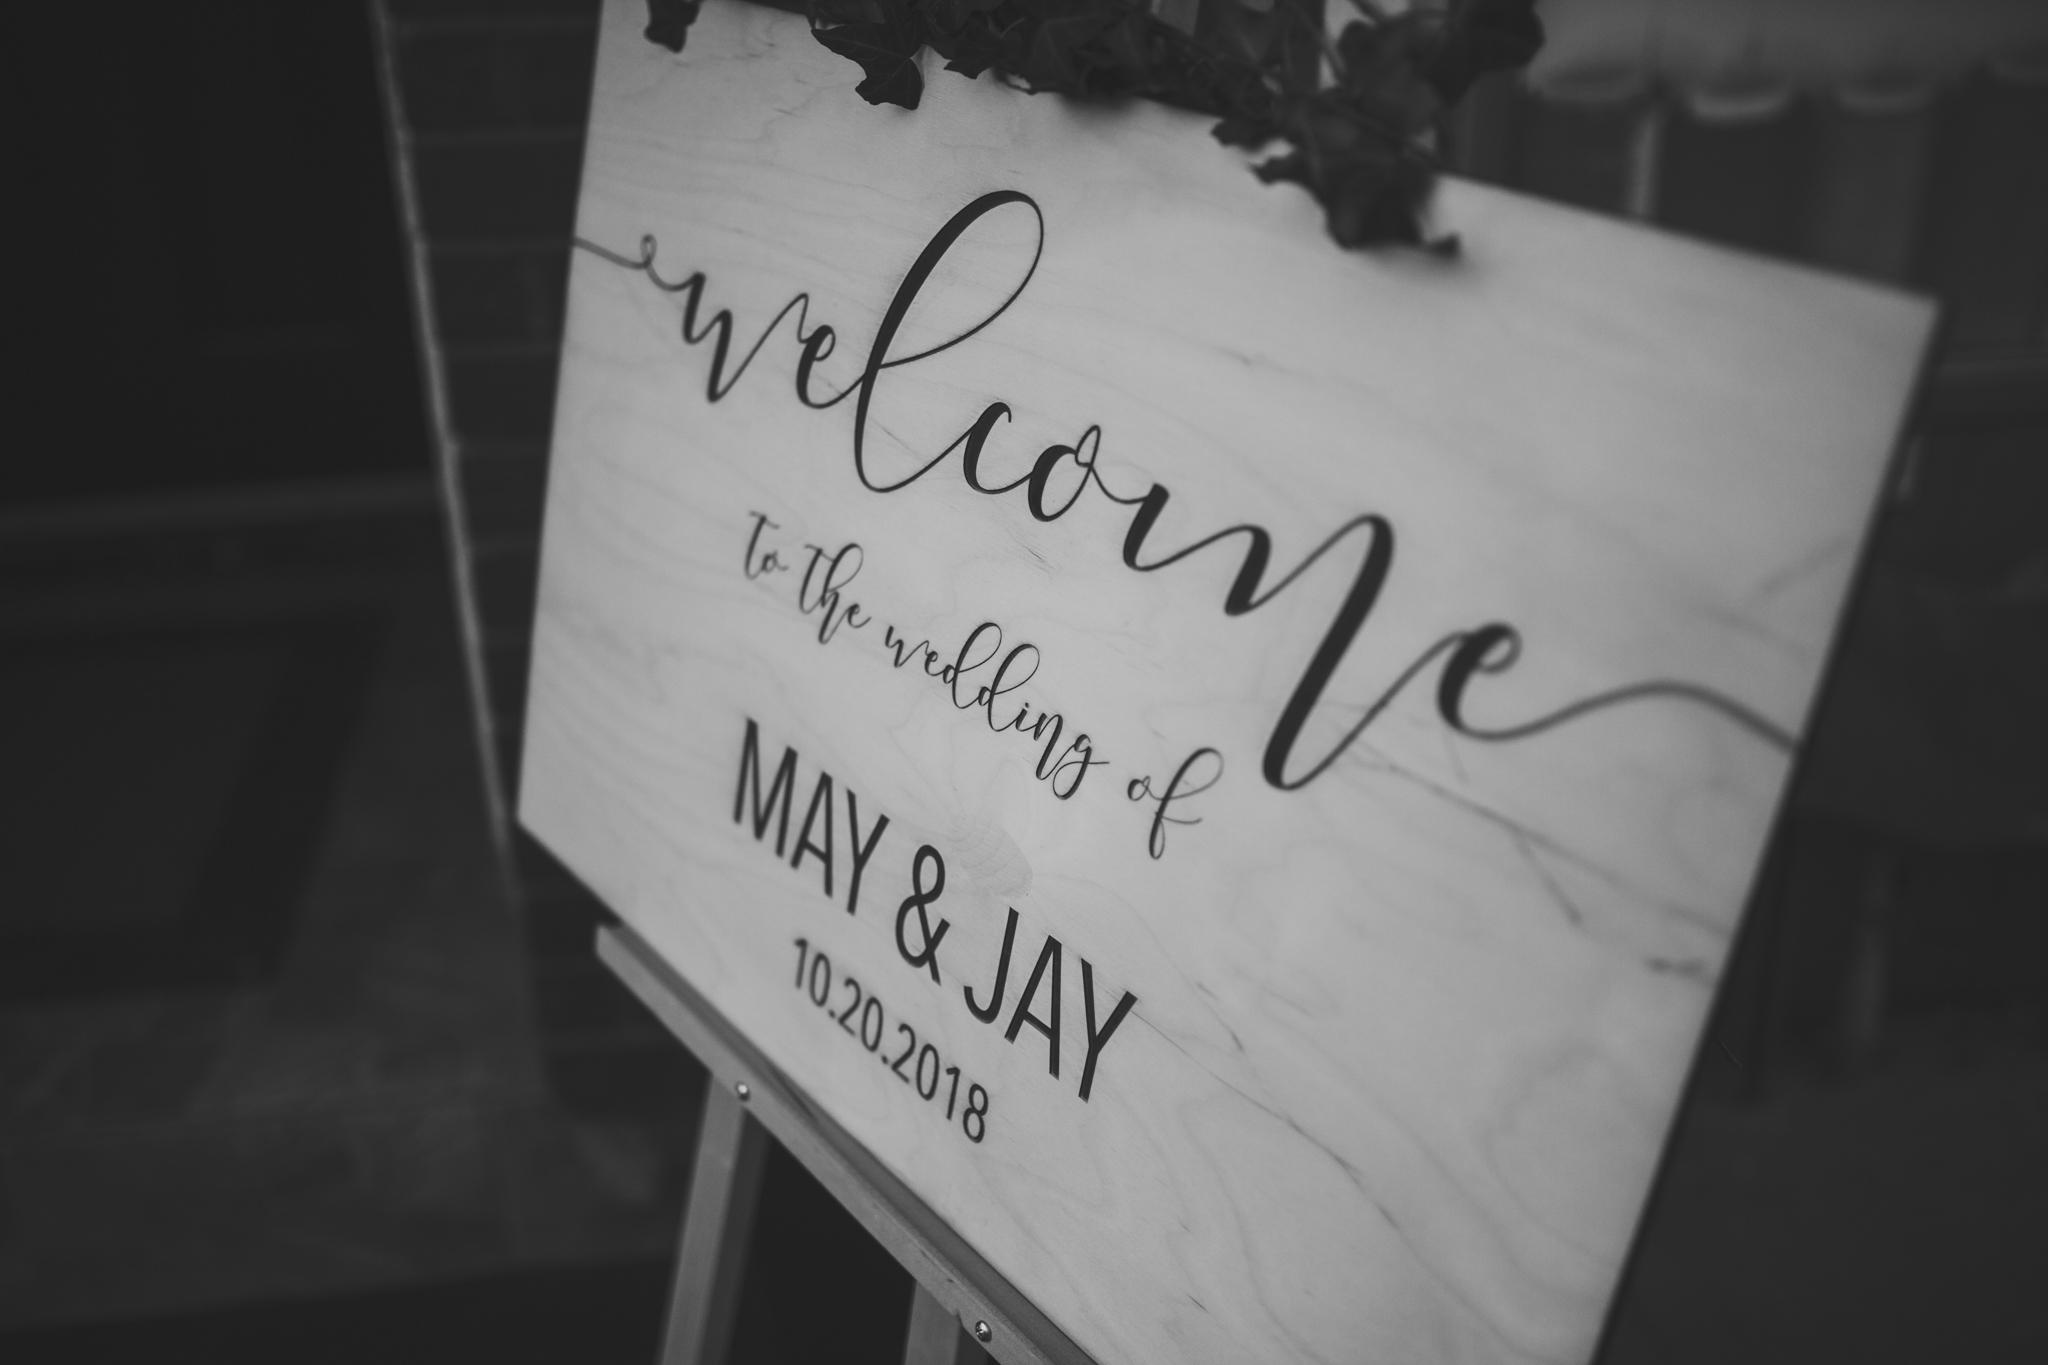 may & jay-mariage-169.jpg